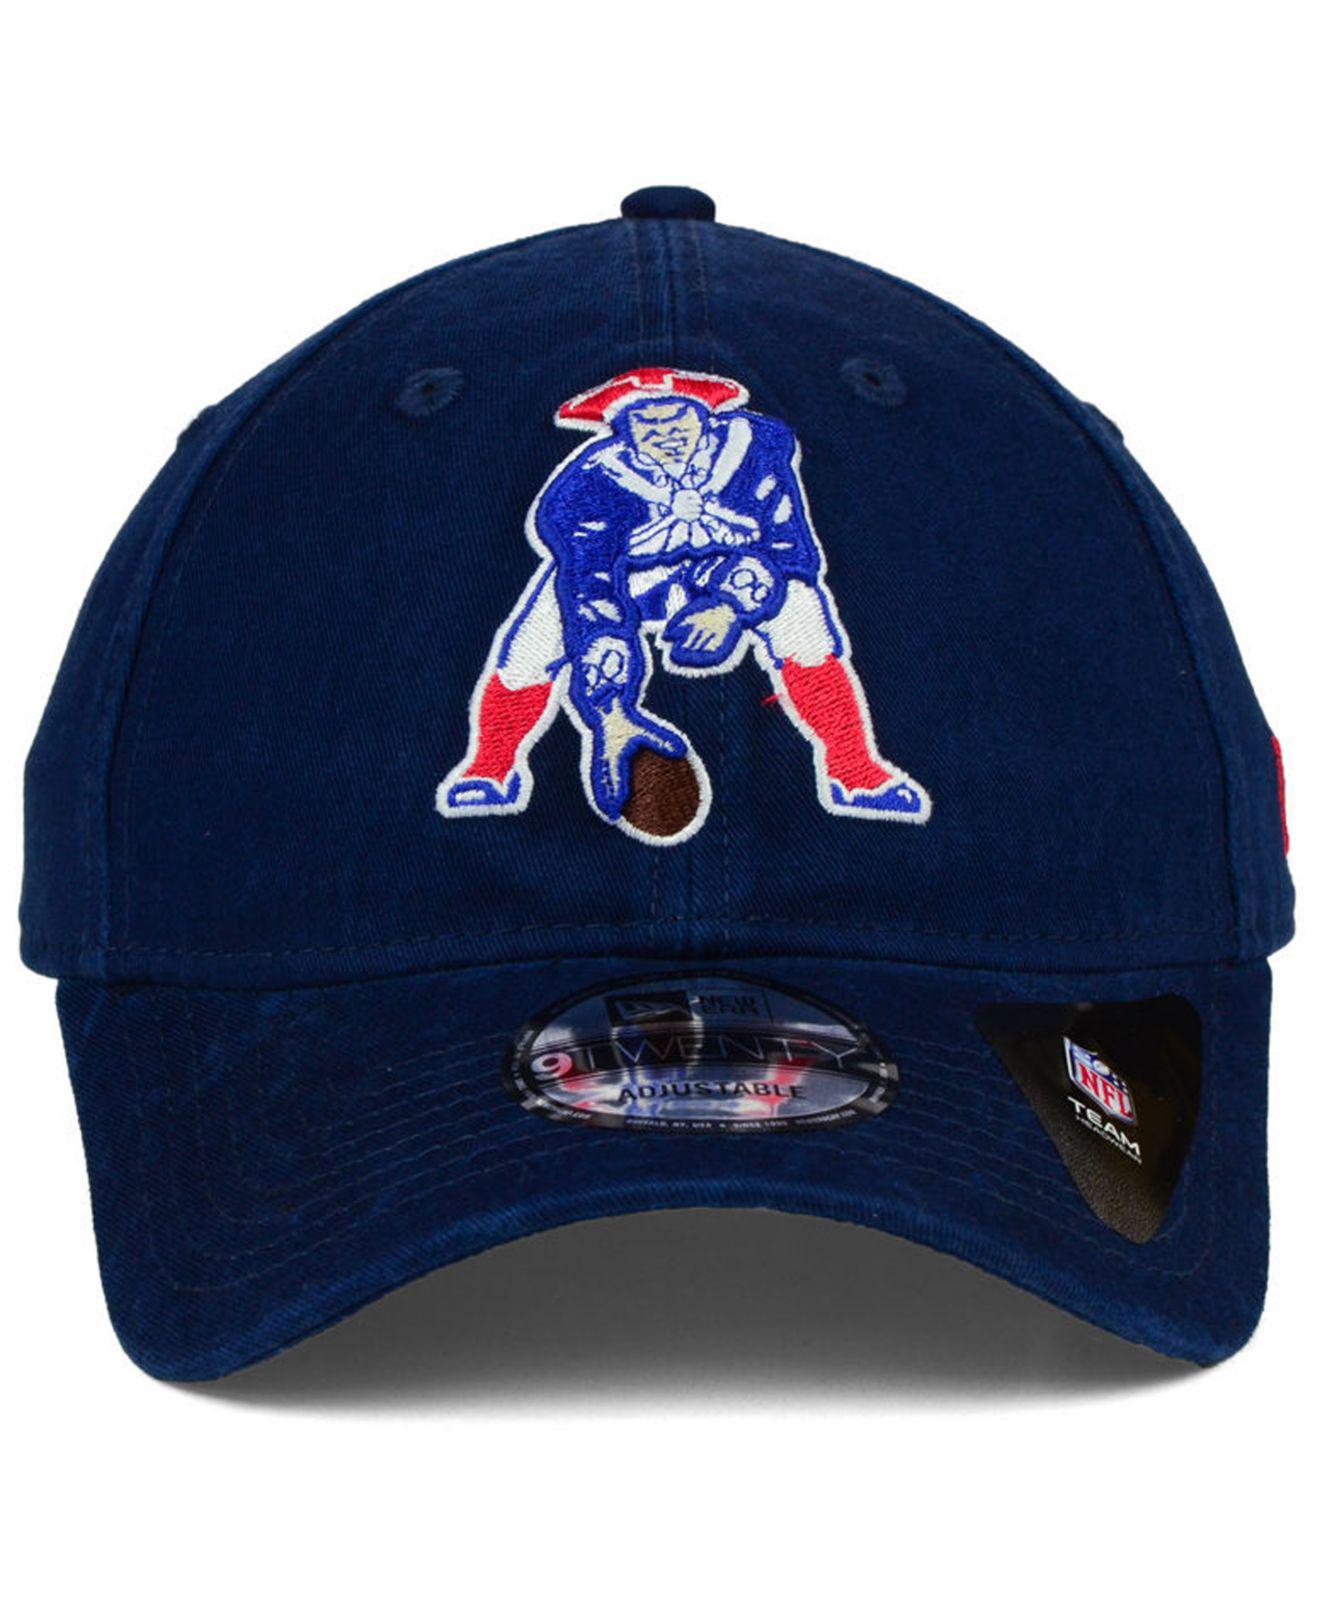 fd8a65544061c ... promo code lyst ktz new england patriots core shore 9twenty strapback  cap in 58d1c 5f2e6